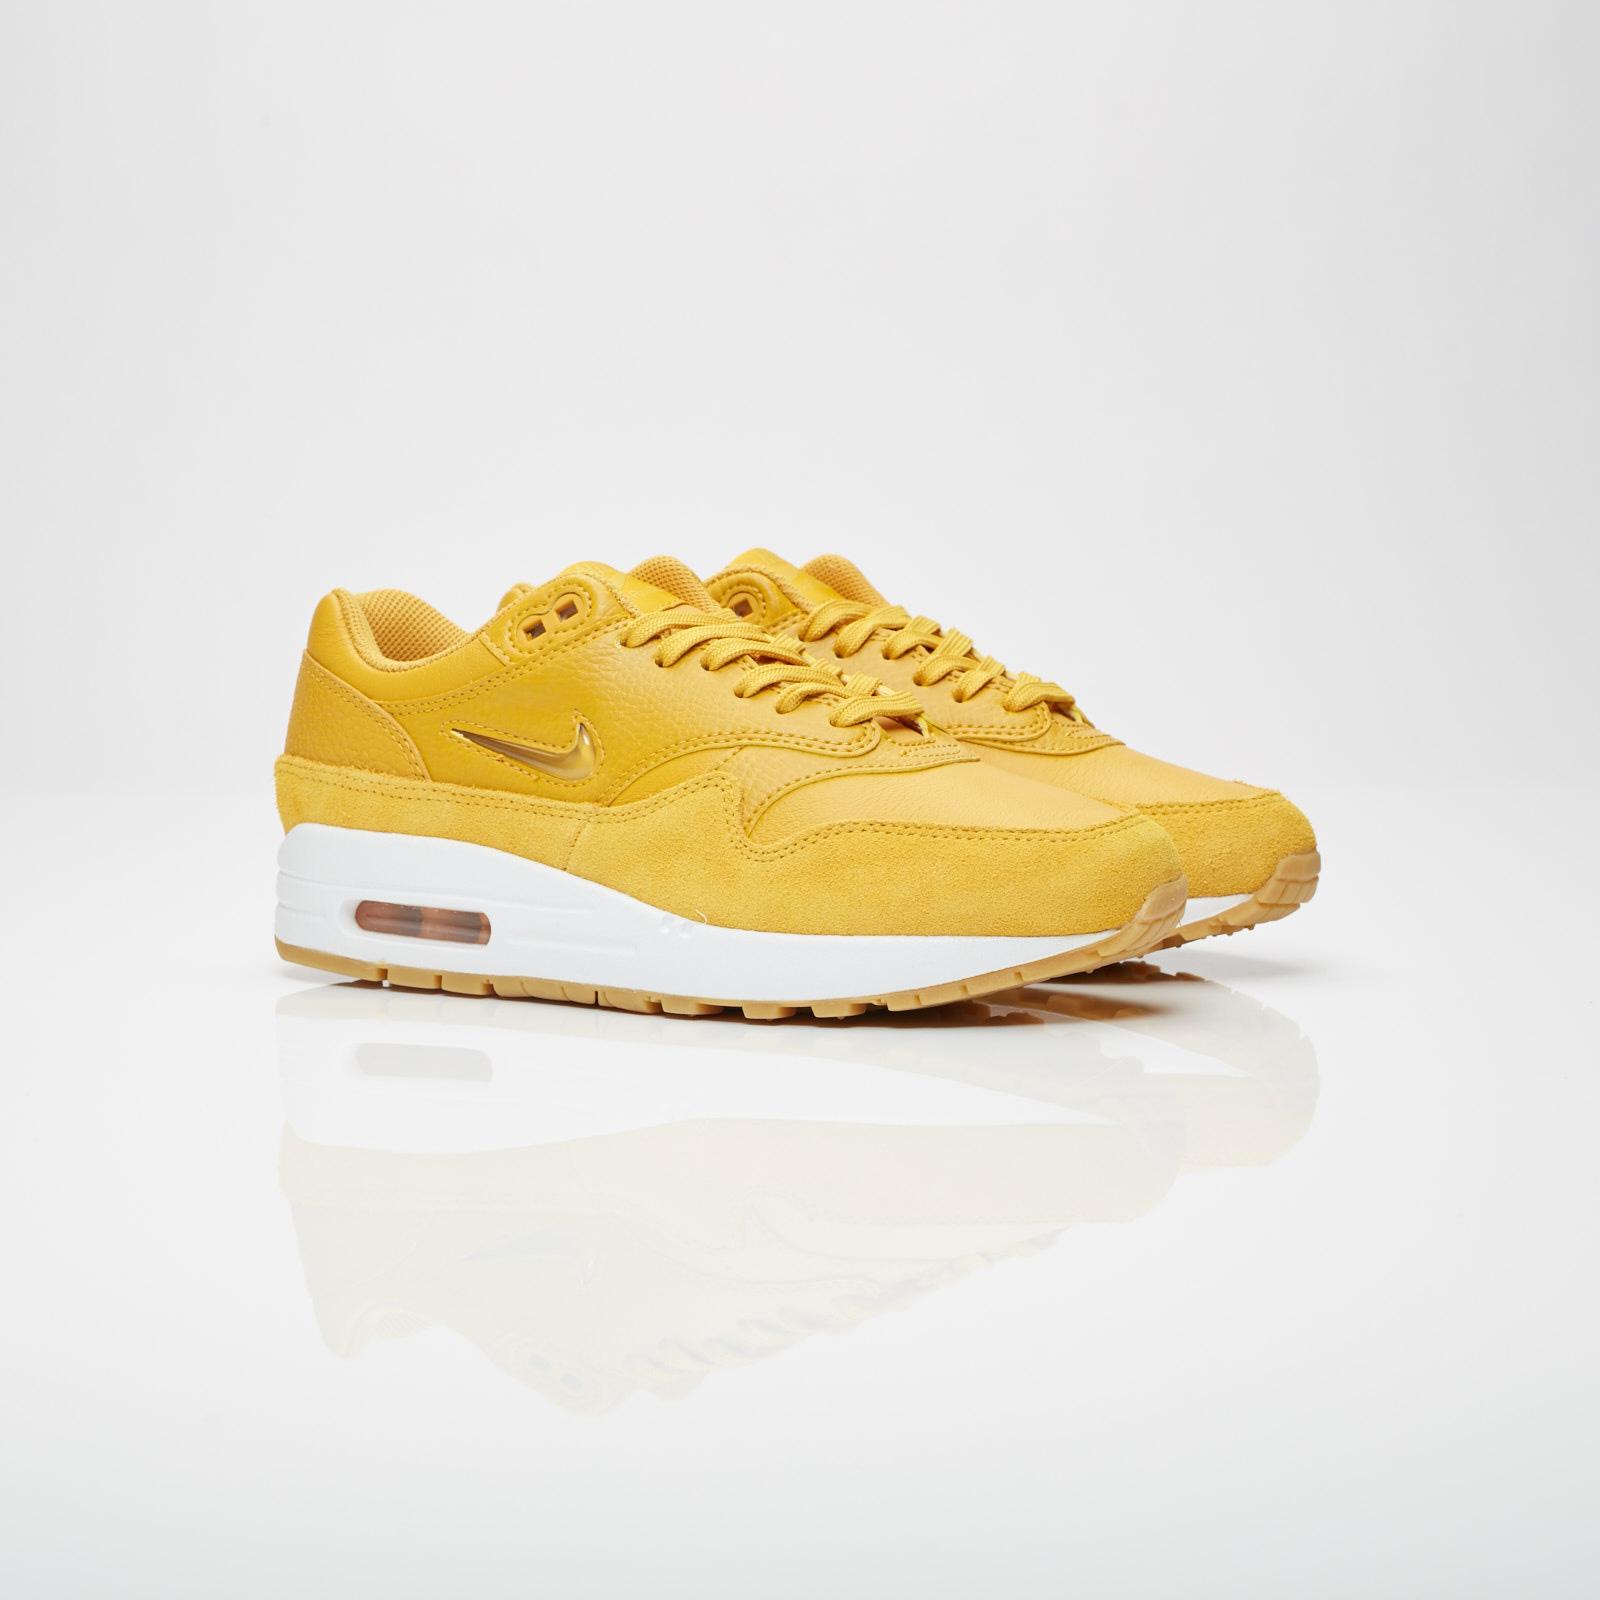 huge discount cd605 6d52e Nike Wmns Air Max 1 Premium SC - Aa0512-700 - Sneakersnstuff ...